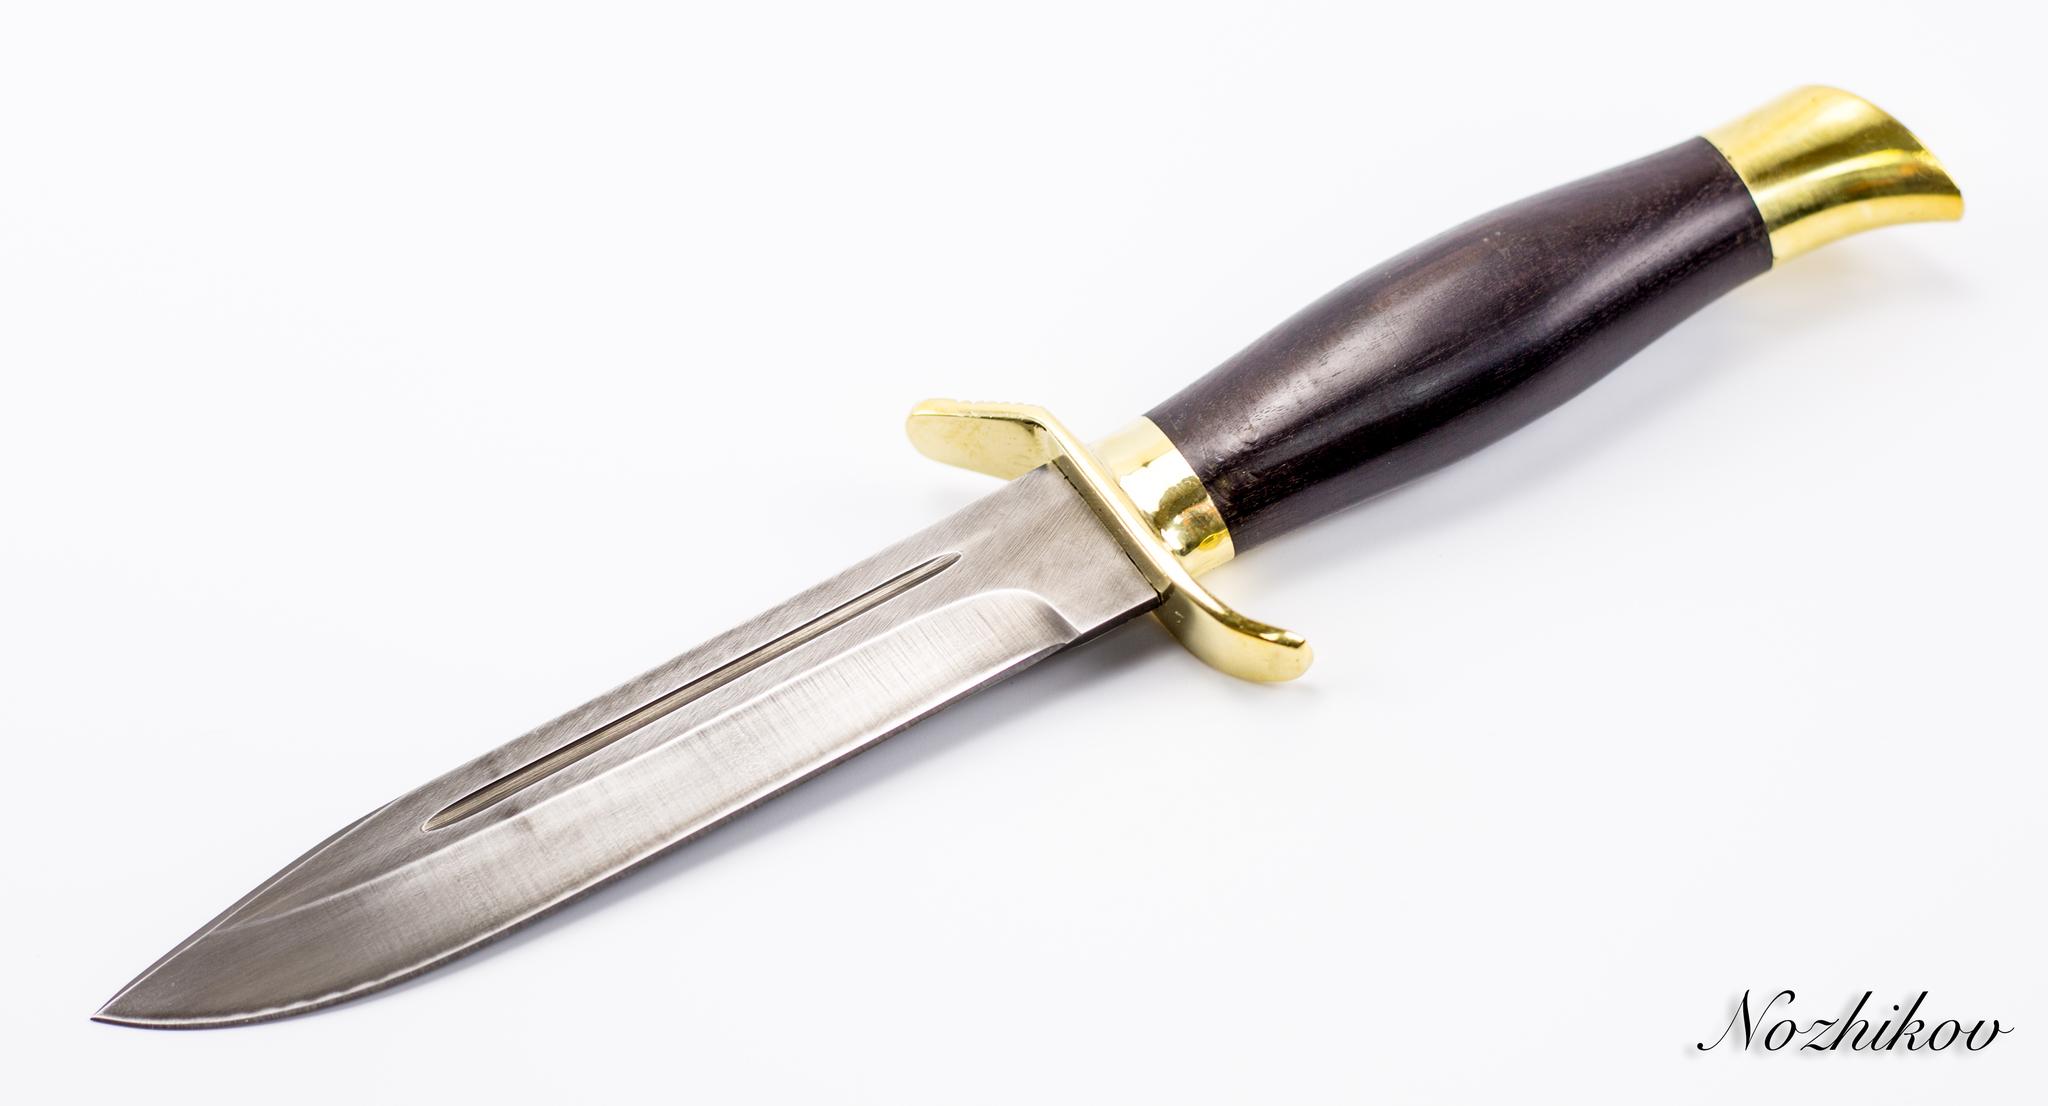 Фото 7 - Нож НР-40 алмазка, граб от Мастерская Климентьева